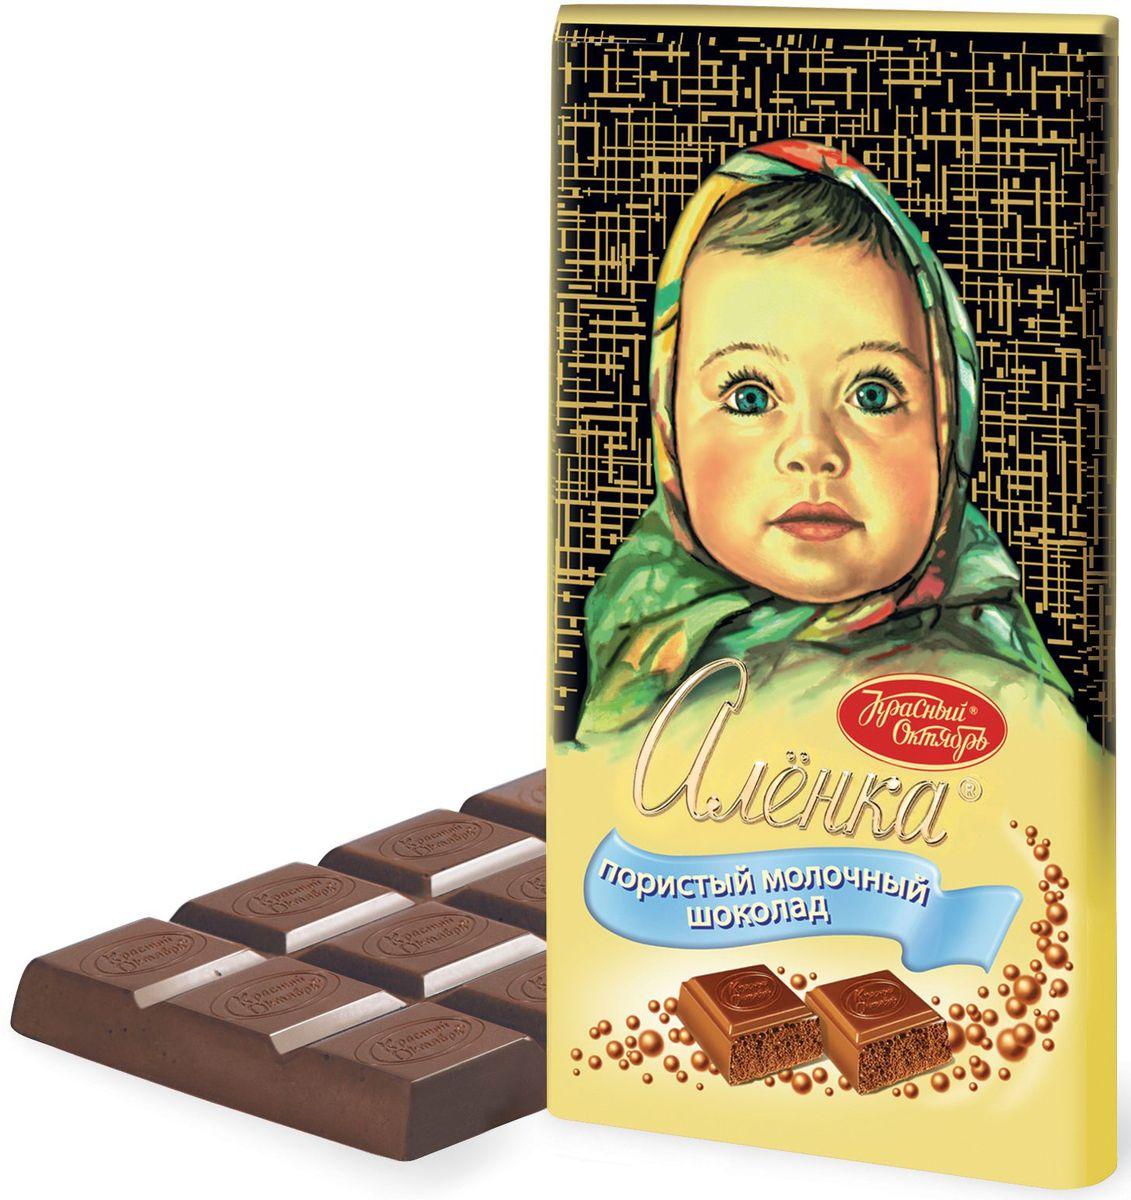 Красный Октябрь Аленка Пористый молочный шоколад, 95 г0120710Знаменитый шоколад Алёнка выпускается кондитерской фабрикой Красный Октябрь.